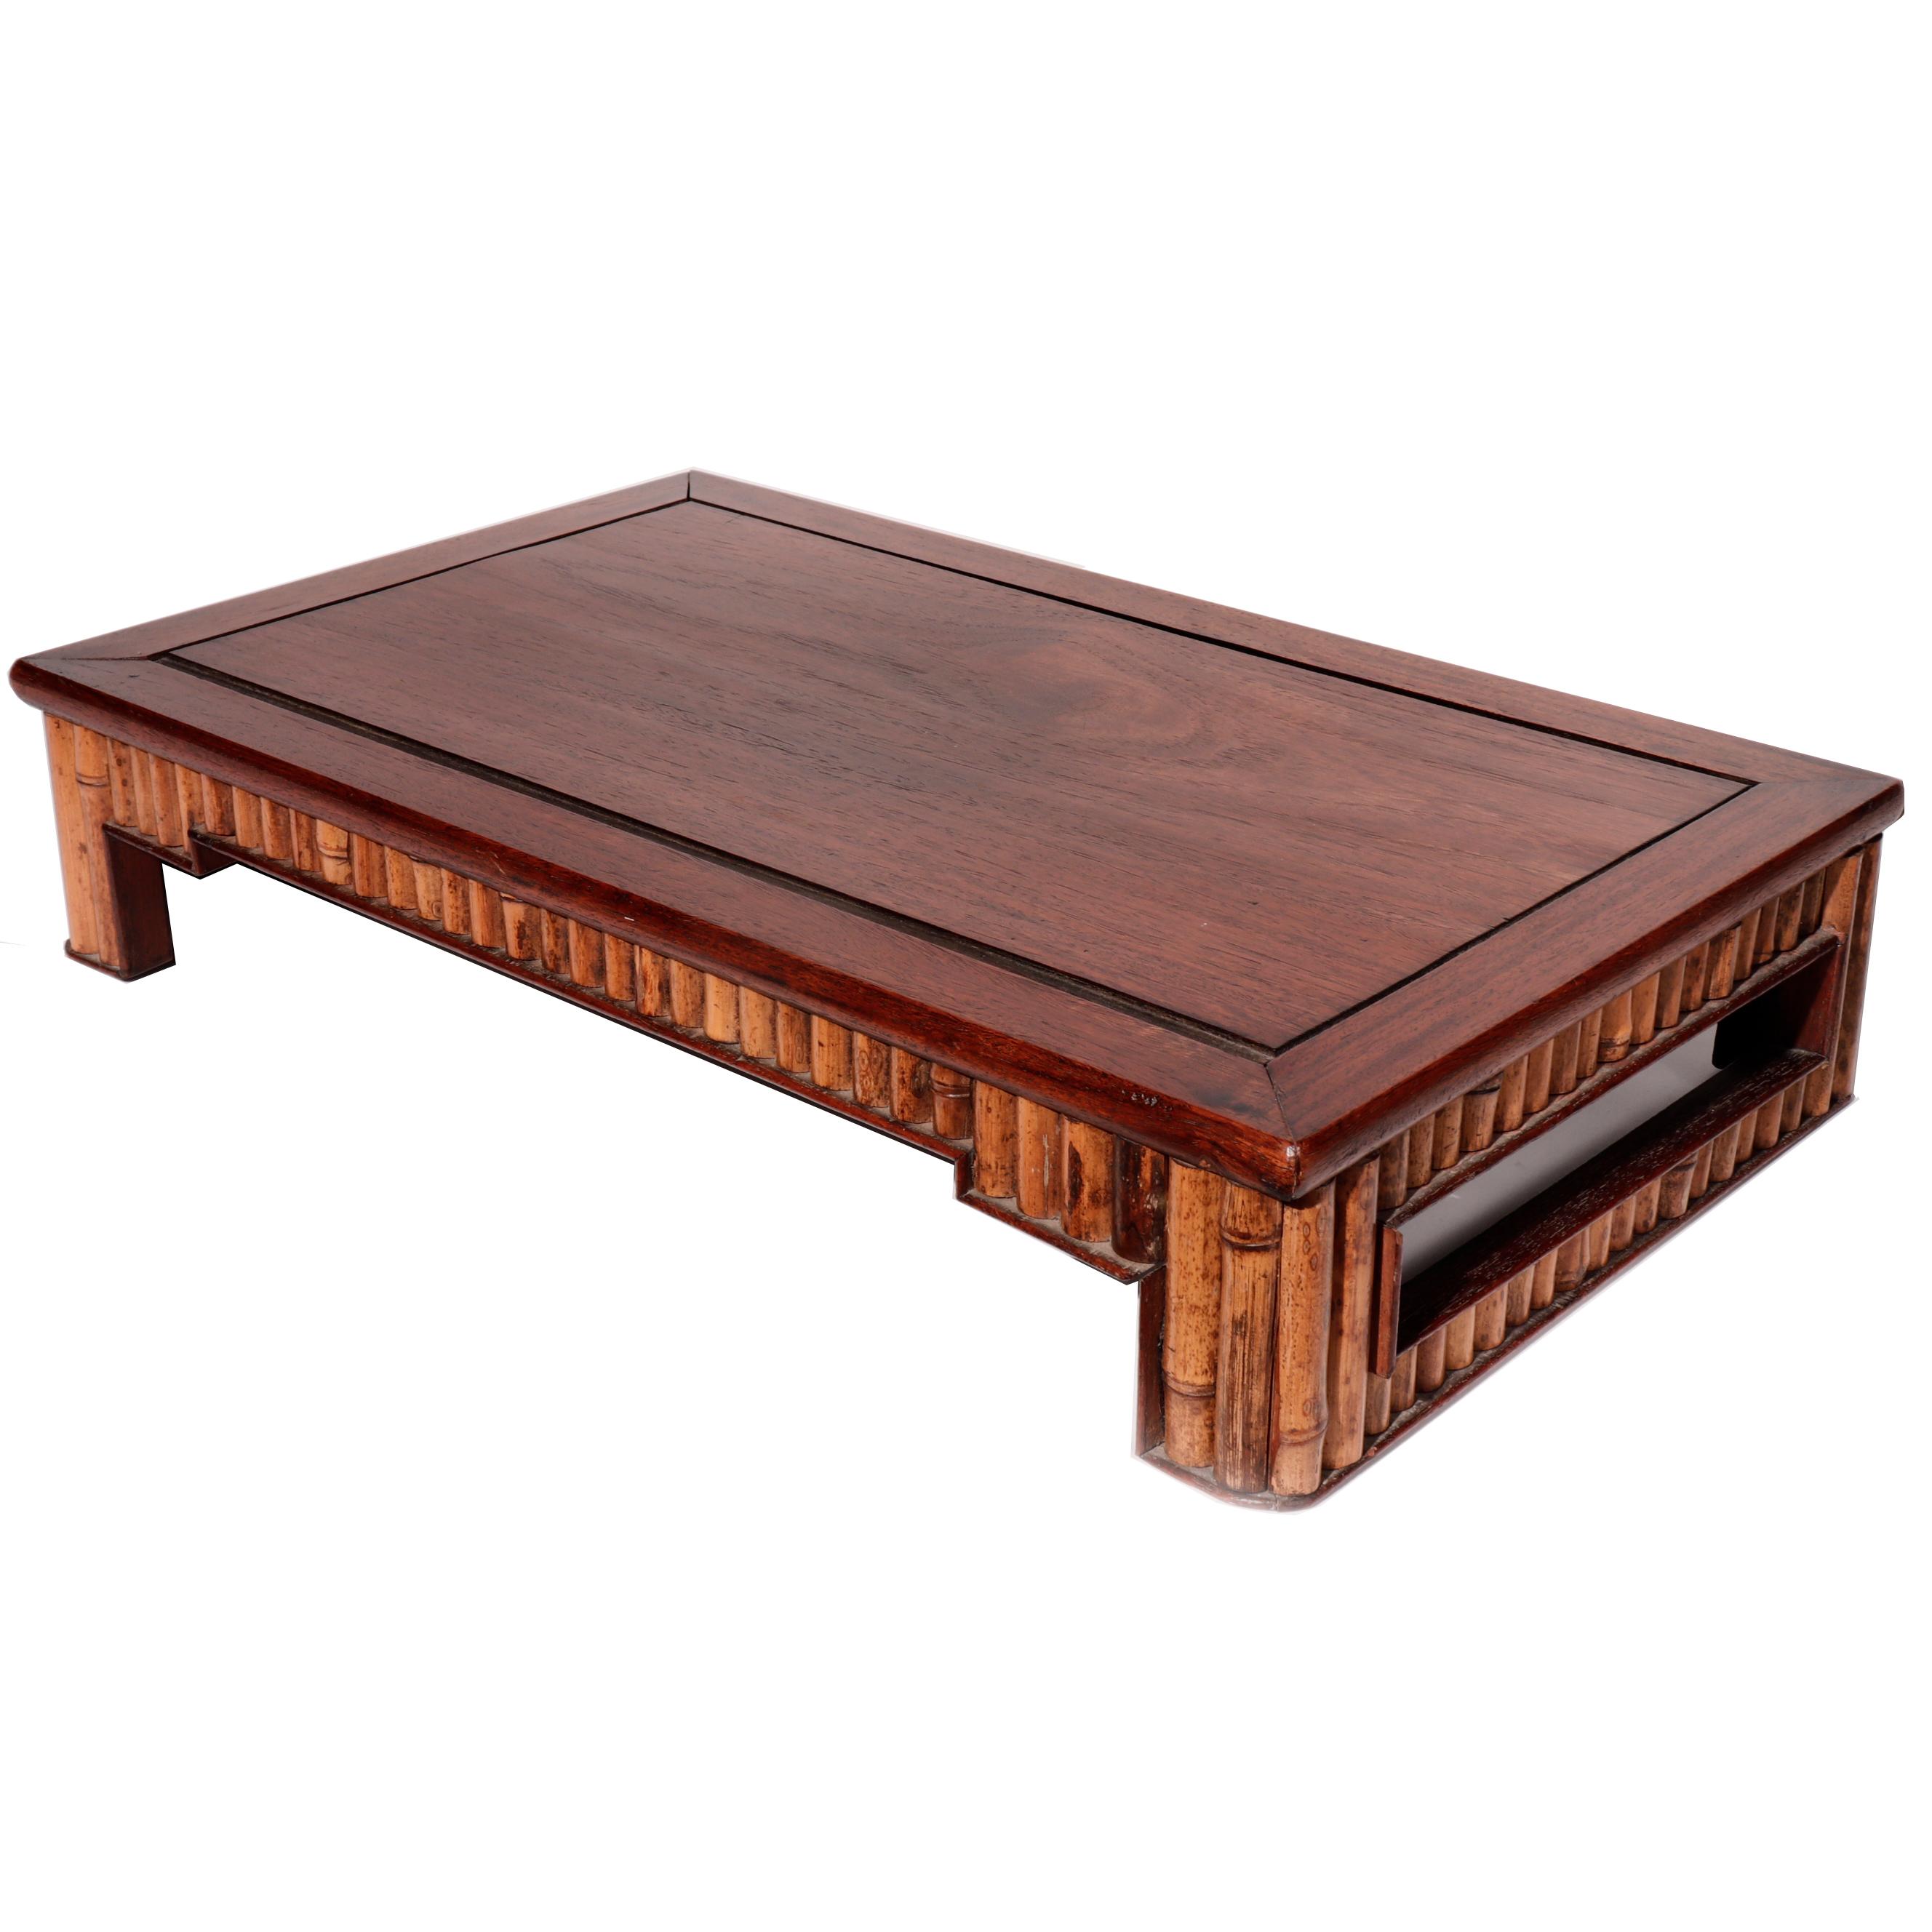 NG75024: Bamboo & Wood Stand